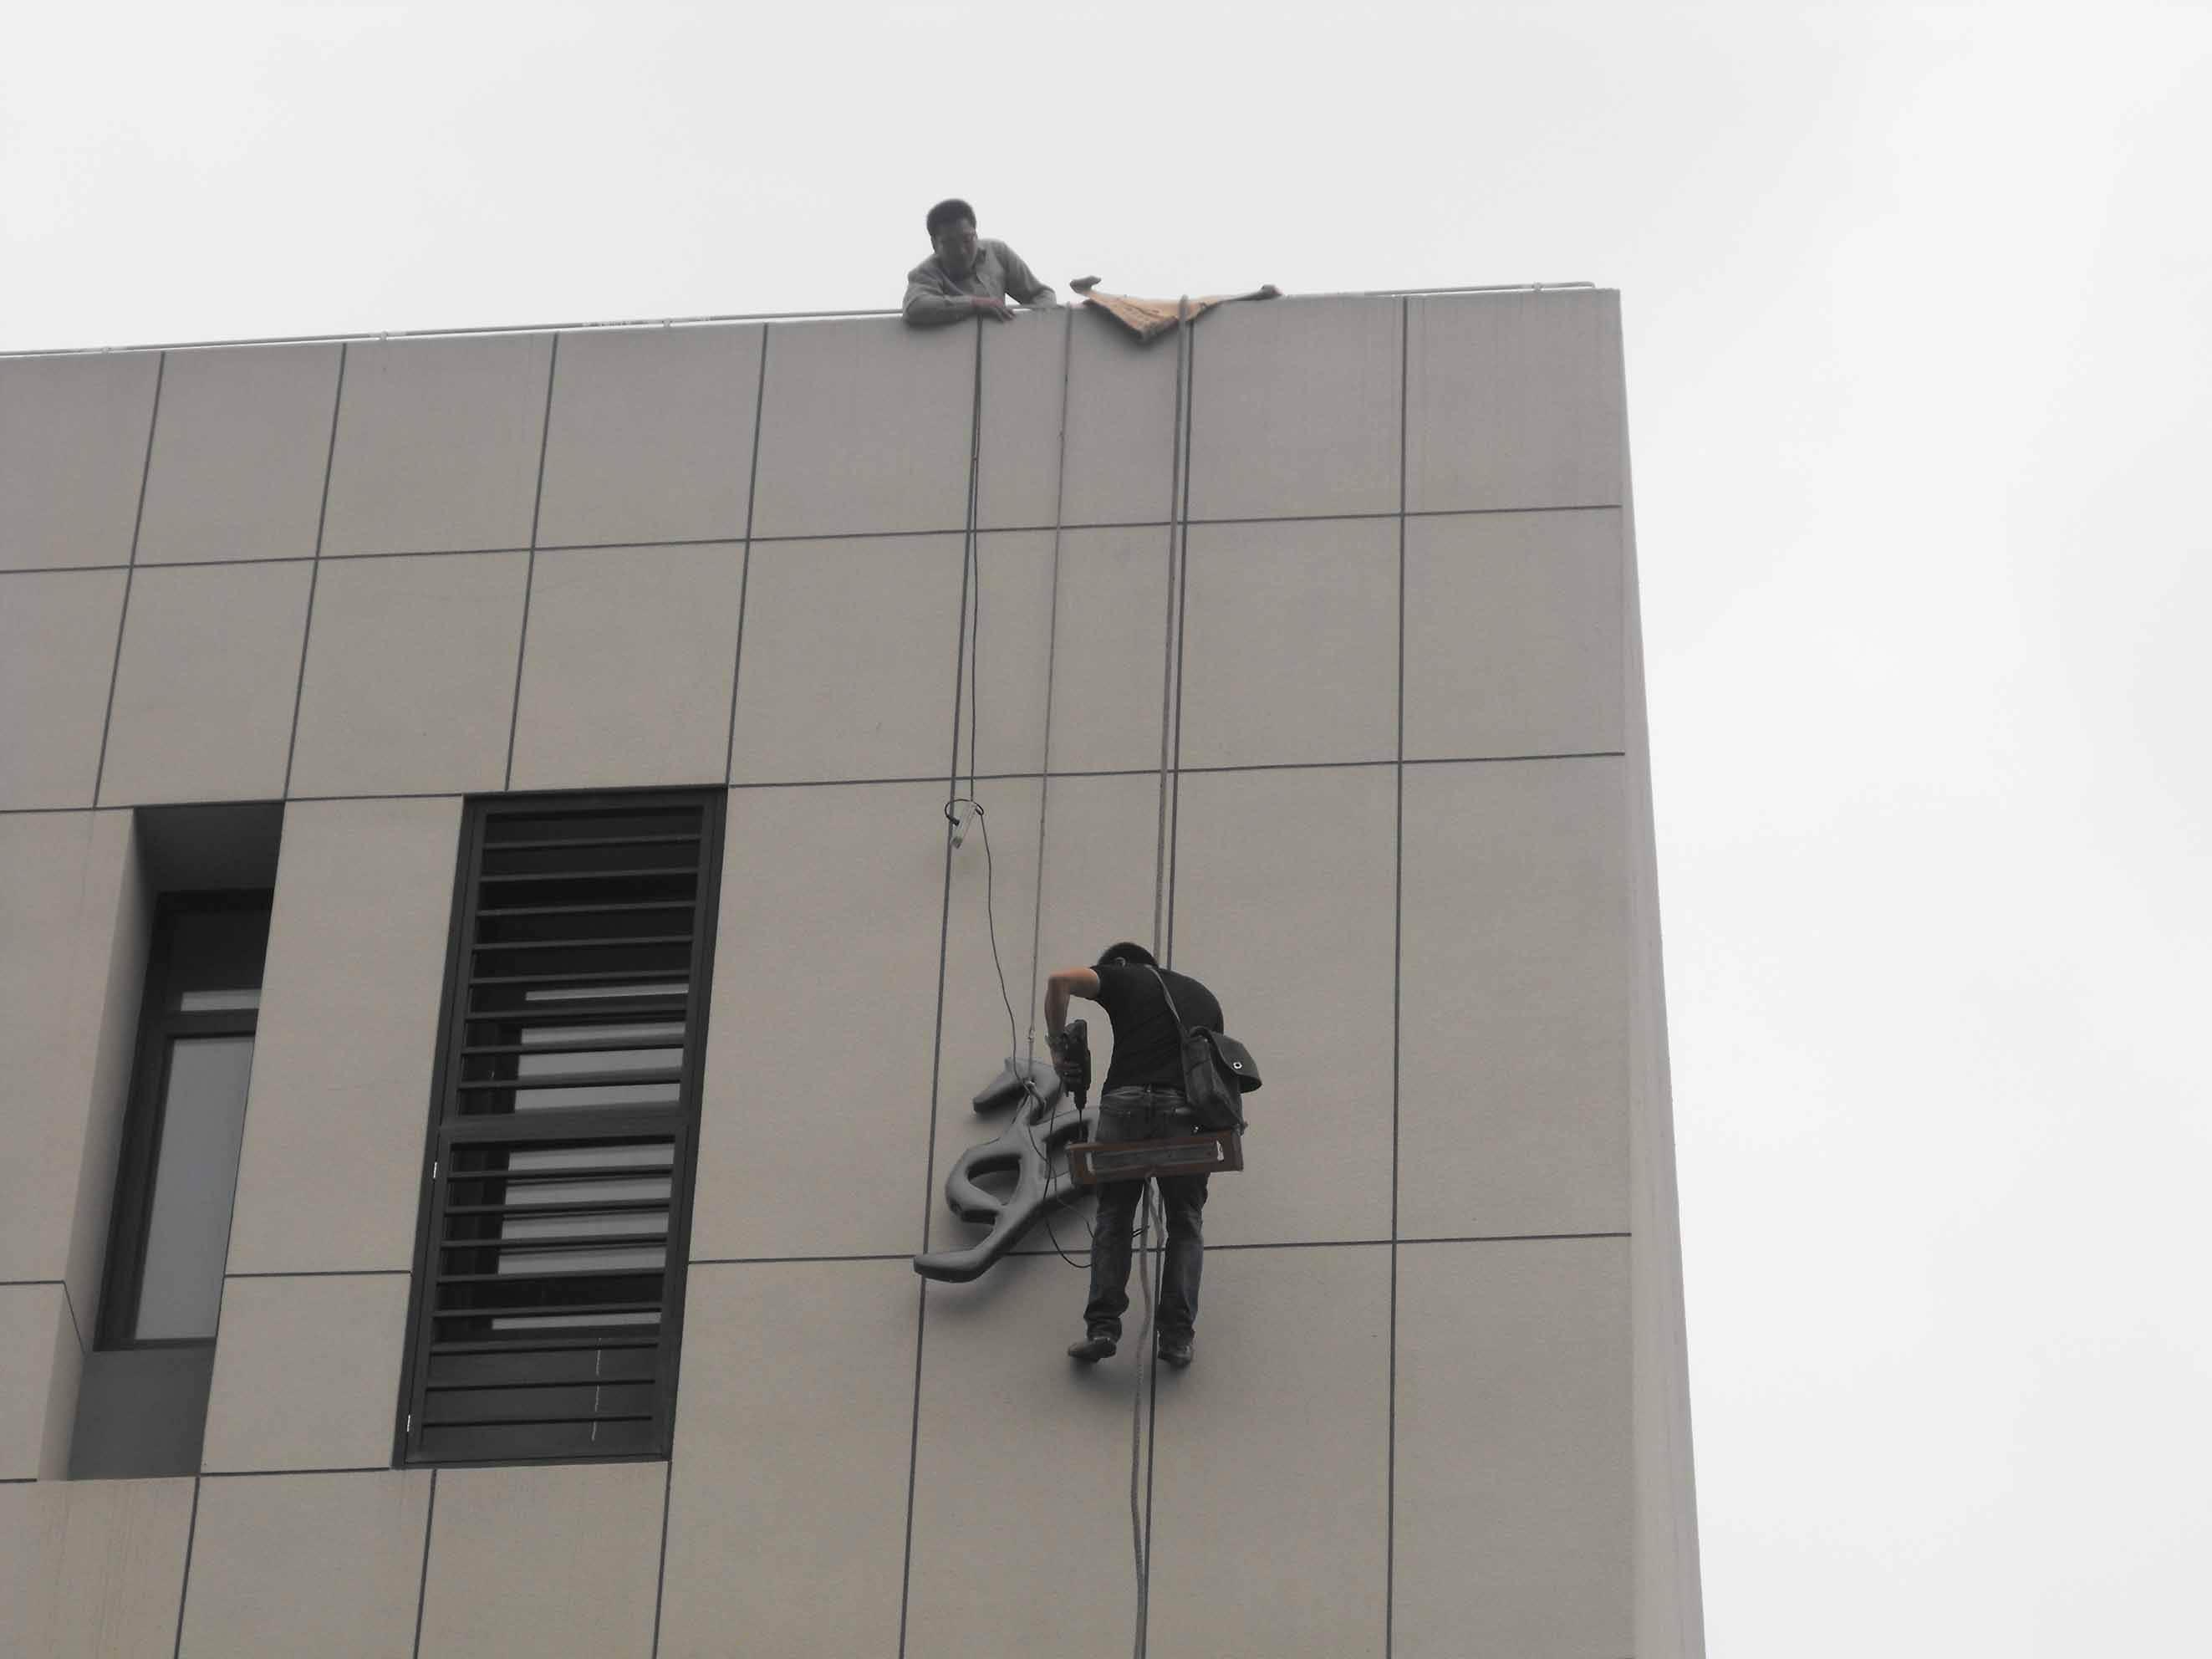 高空安装拆卸-西安施清建筑专业团队,经验丰富.